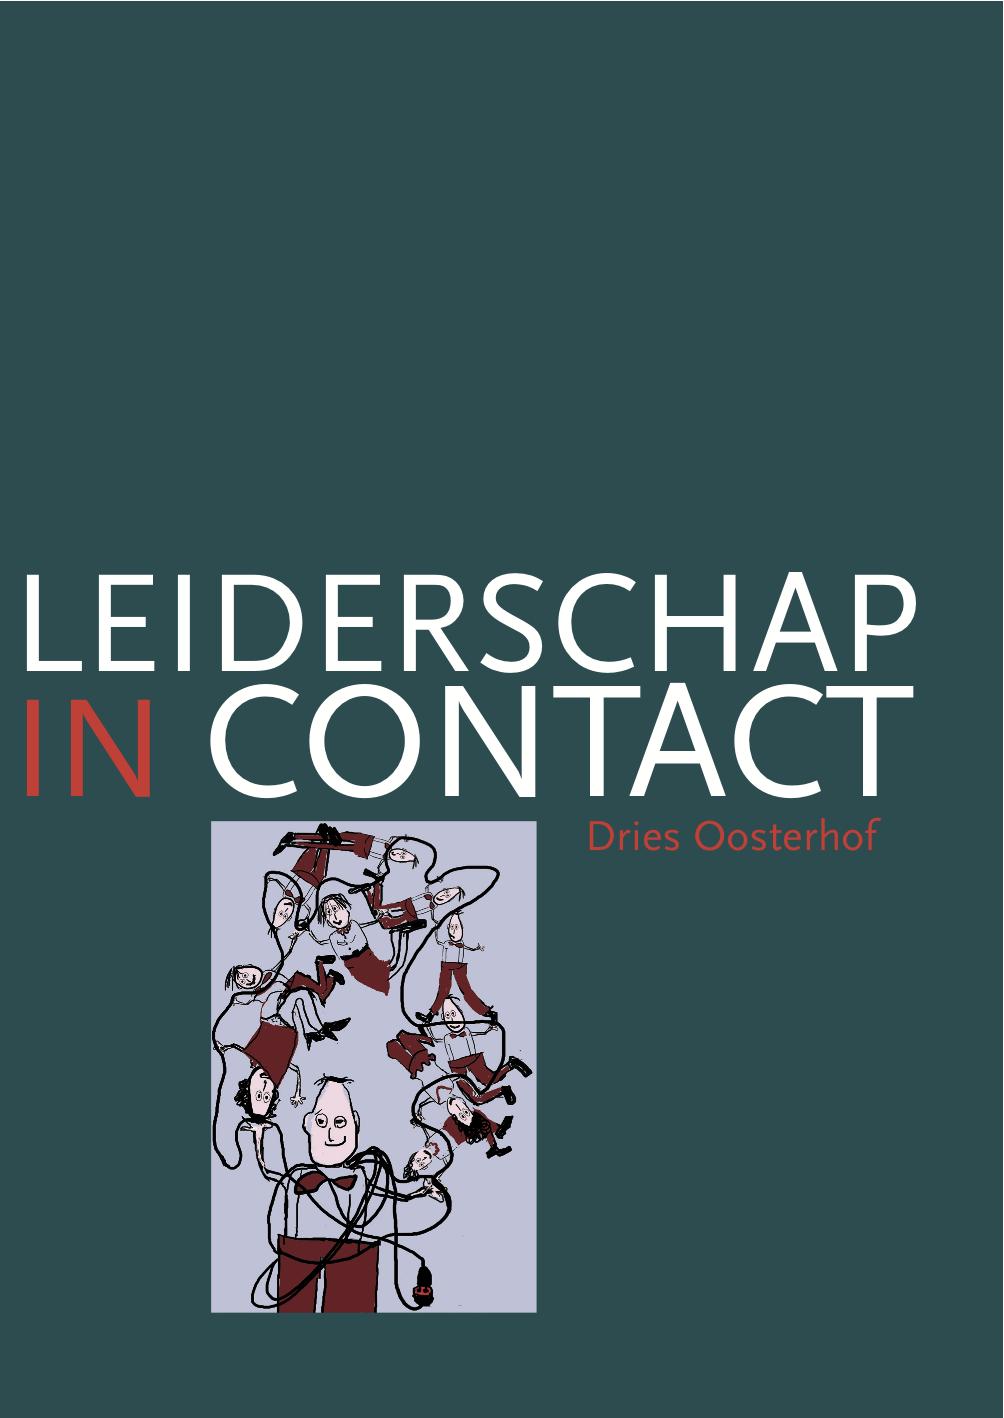 leiderschap in contact boekcover